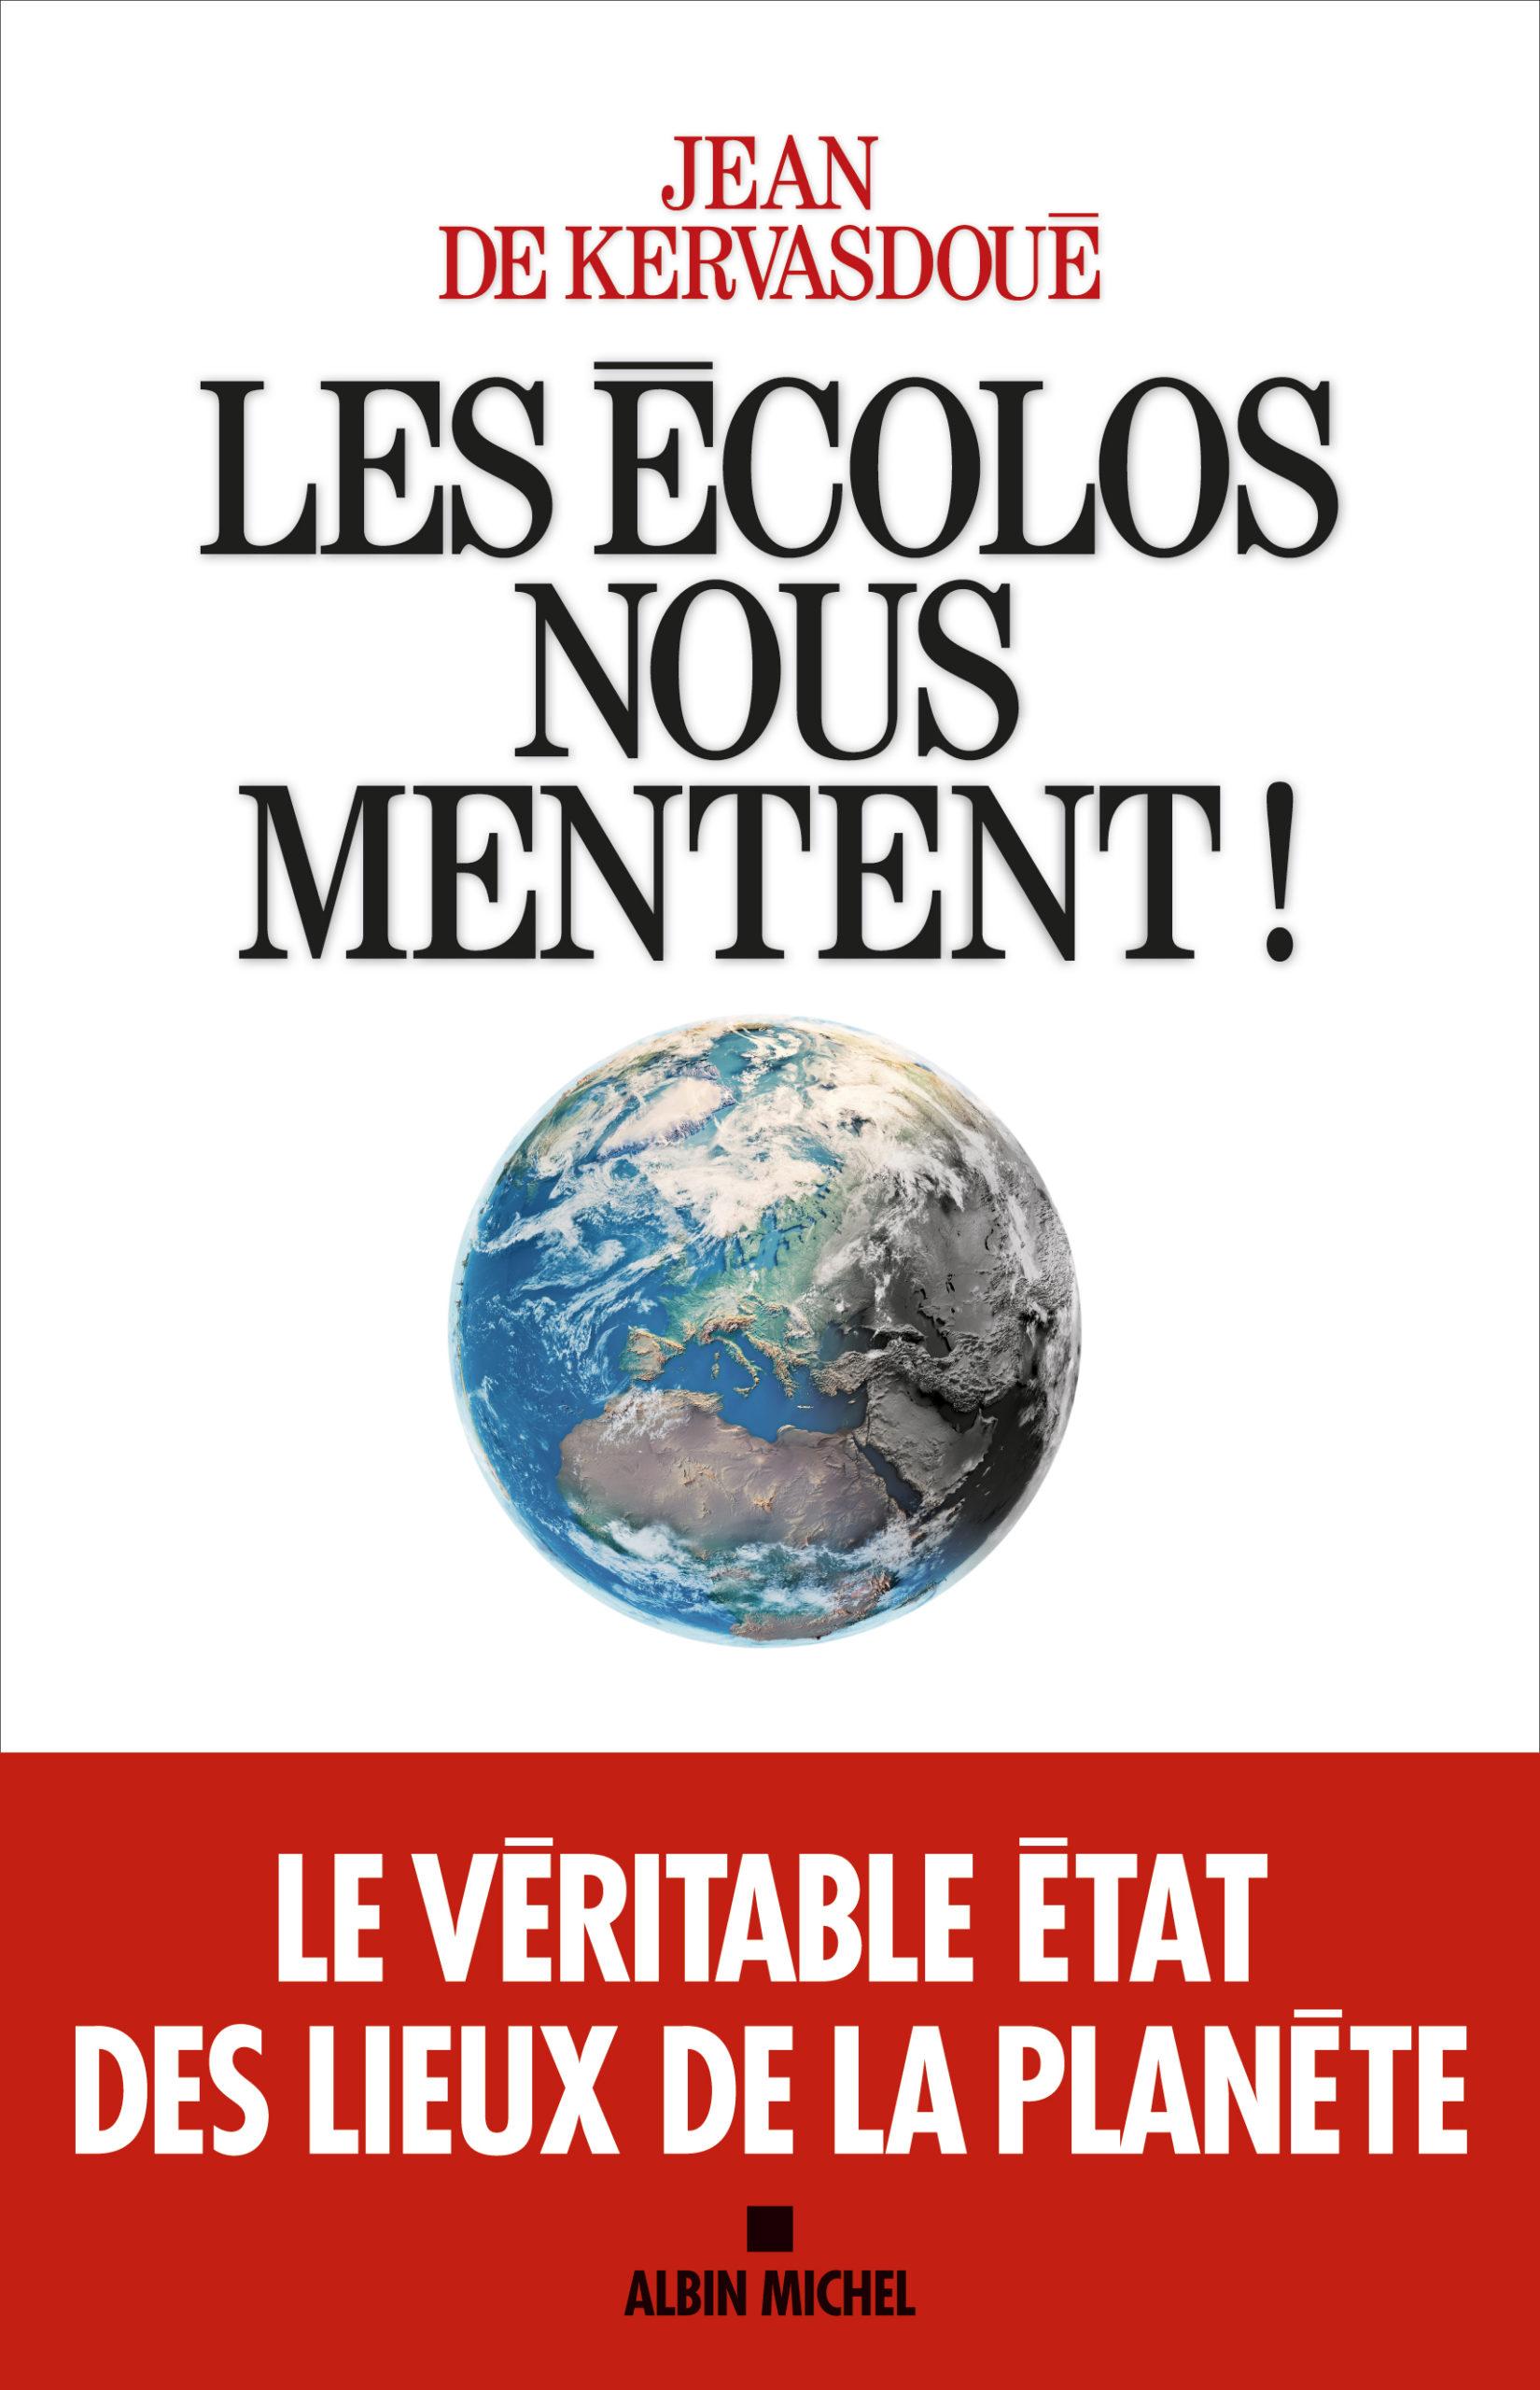 Les écolos nous mentent